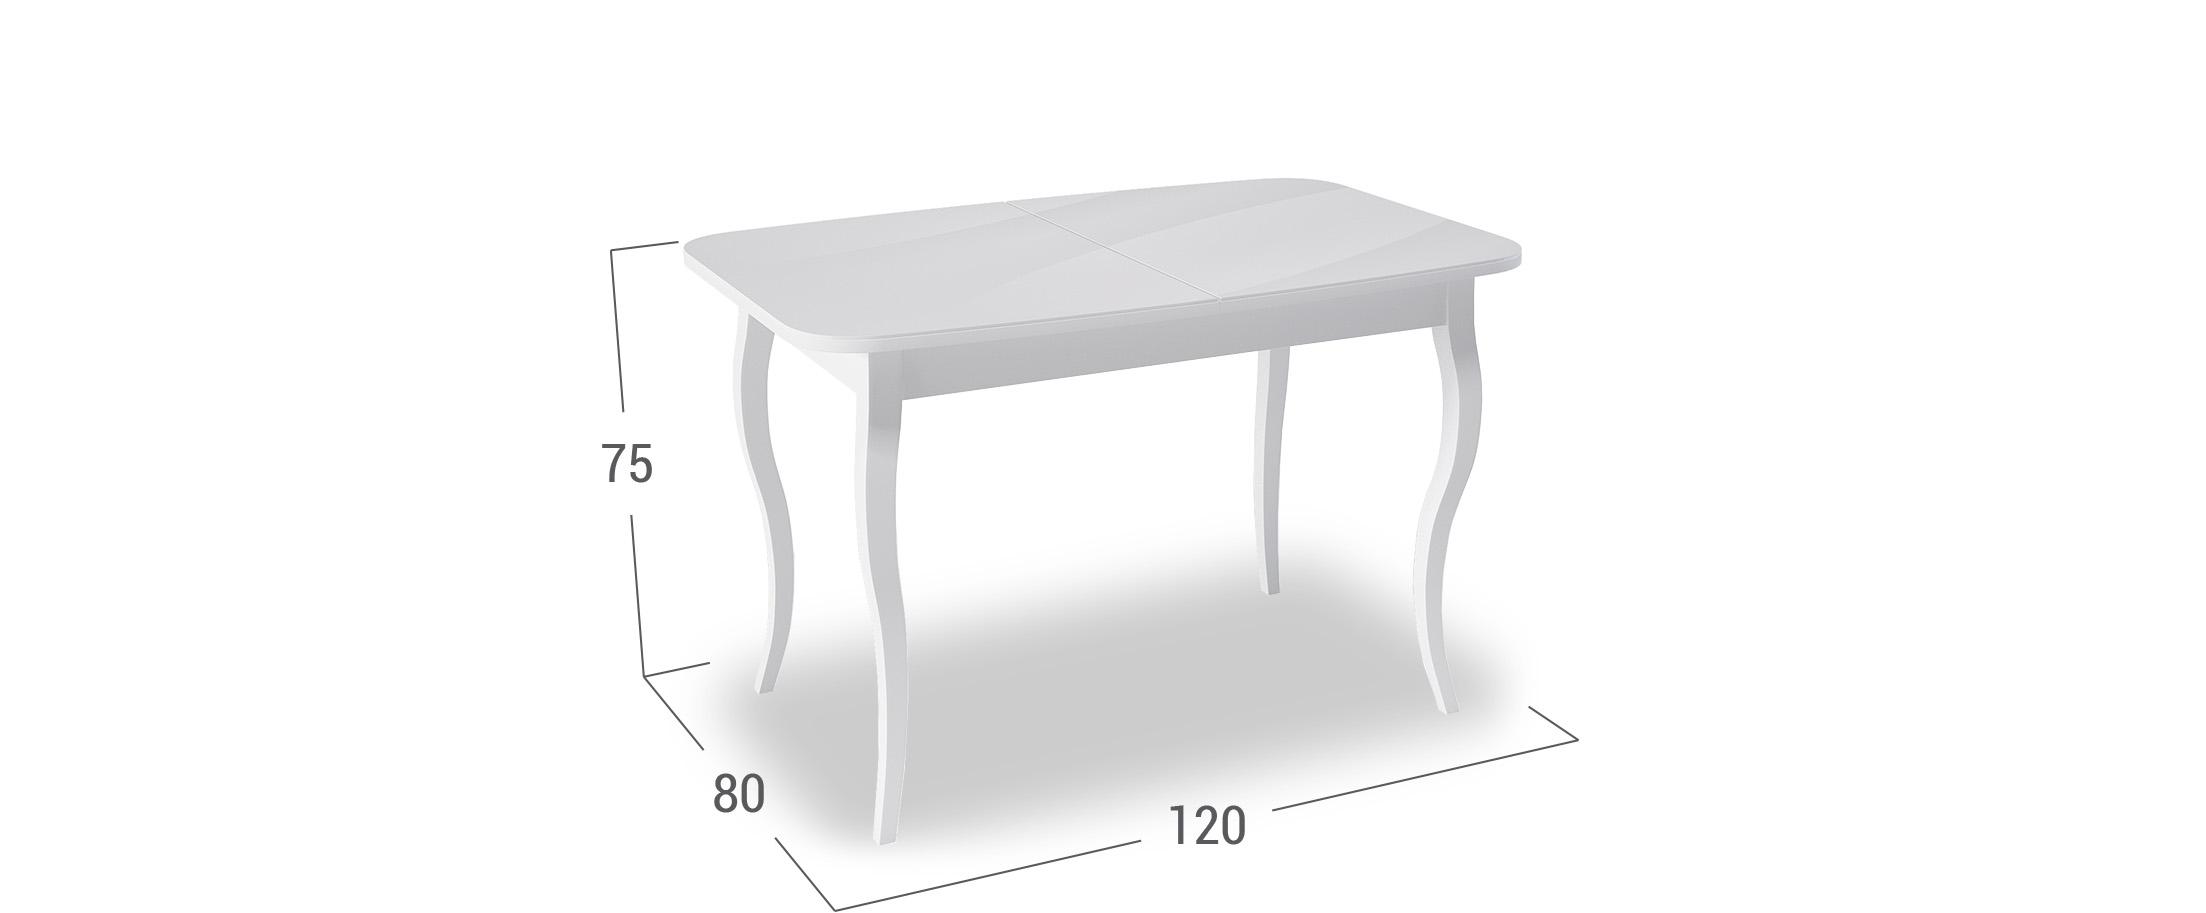 Купить Стол обеденный Kenner 1200C Модель 370, MOON TRADE